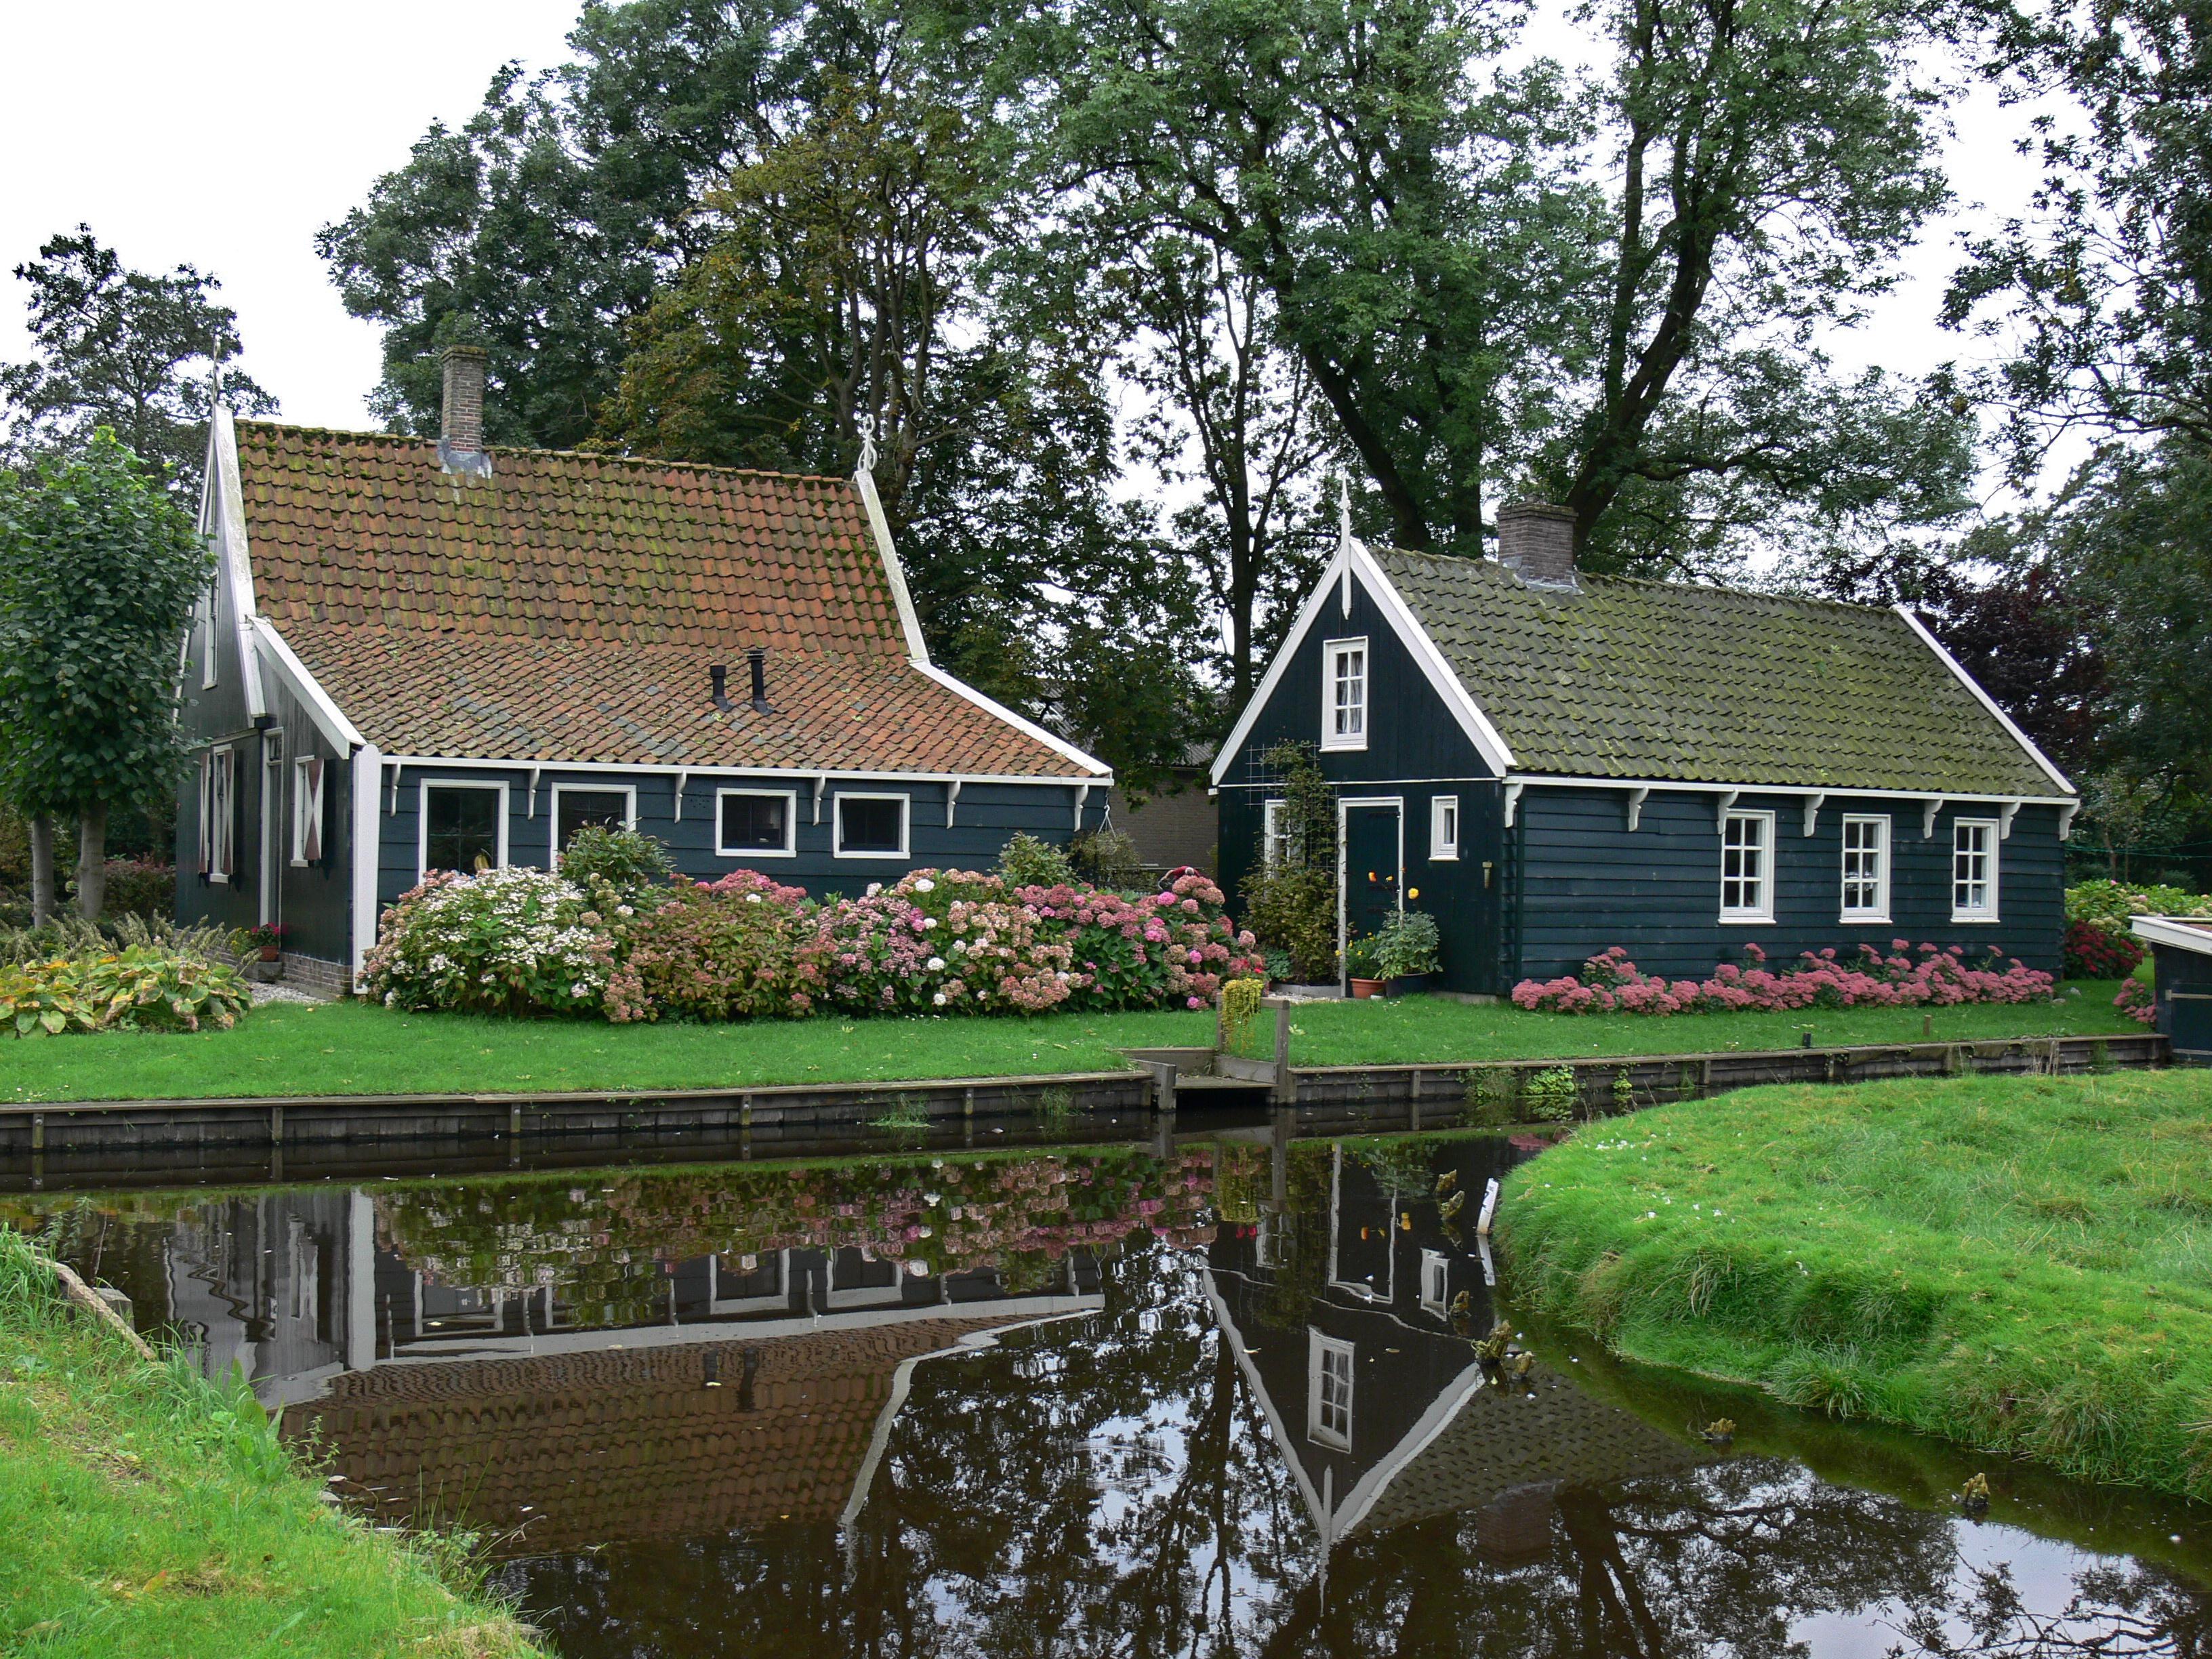 Houten huis onder met pannen gedekt zadeldak afhang aan de linkerzijde in watergang monument - Houten huis ...